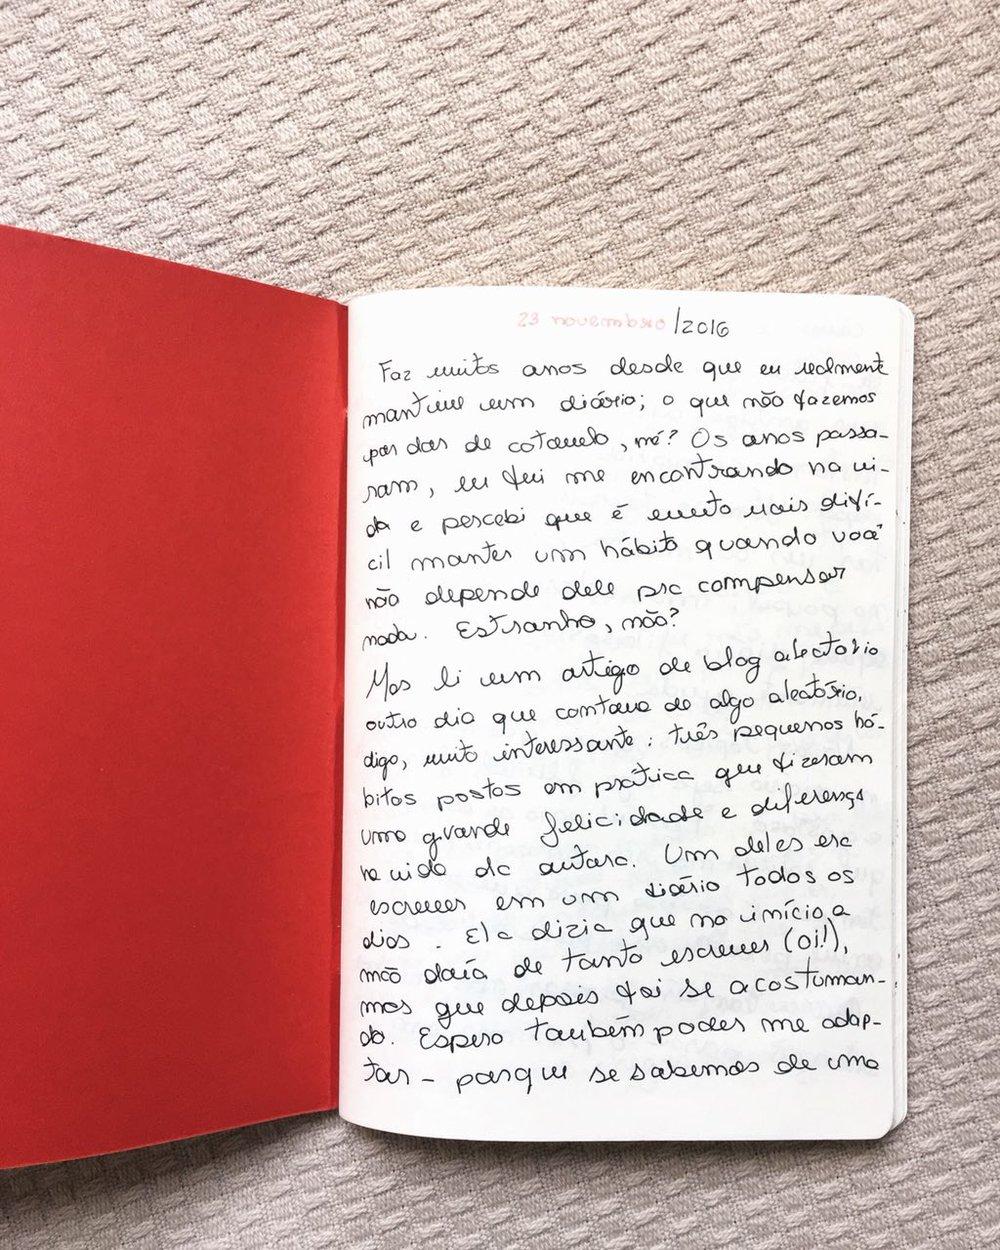 caderno_1.png